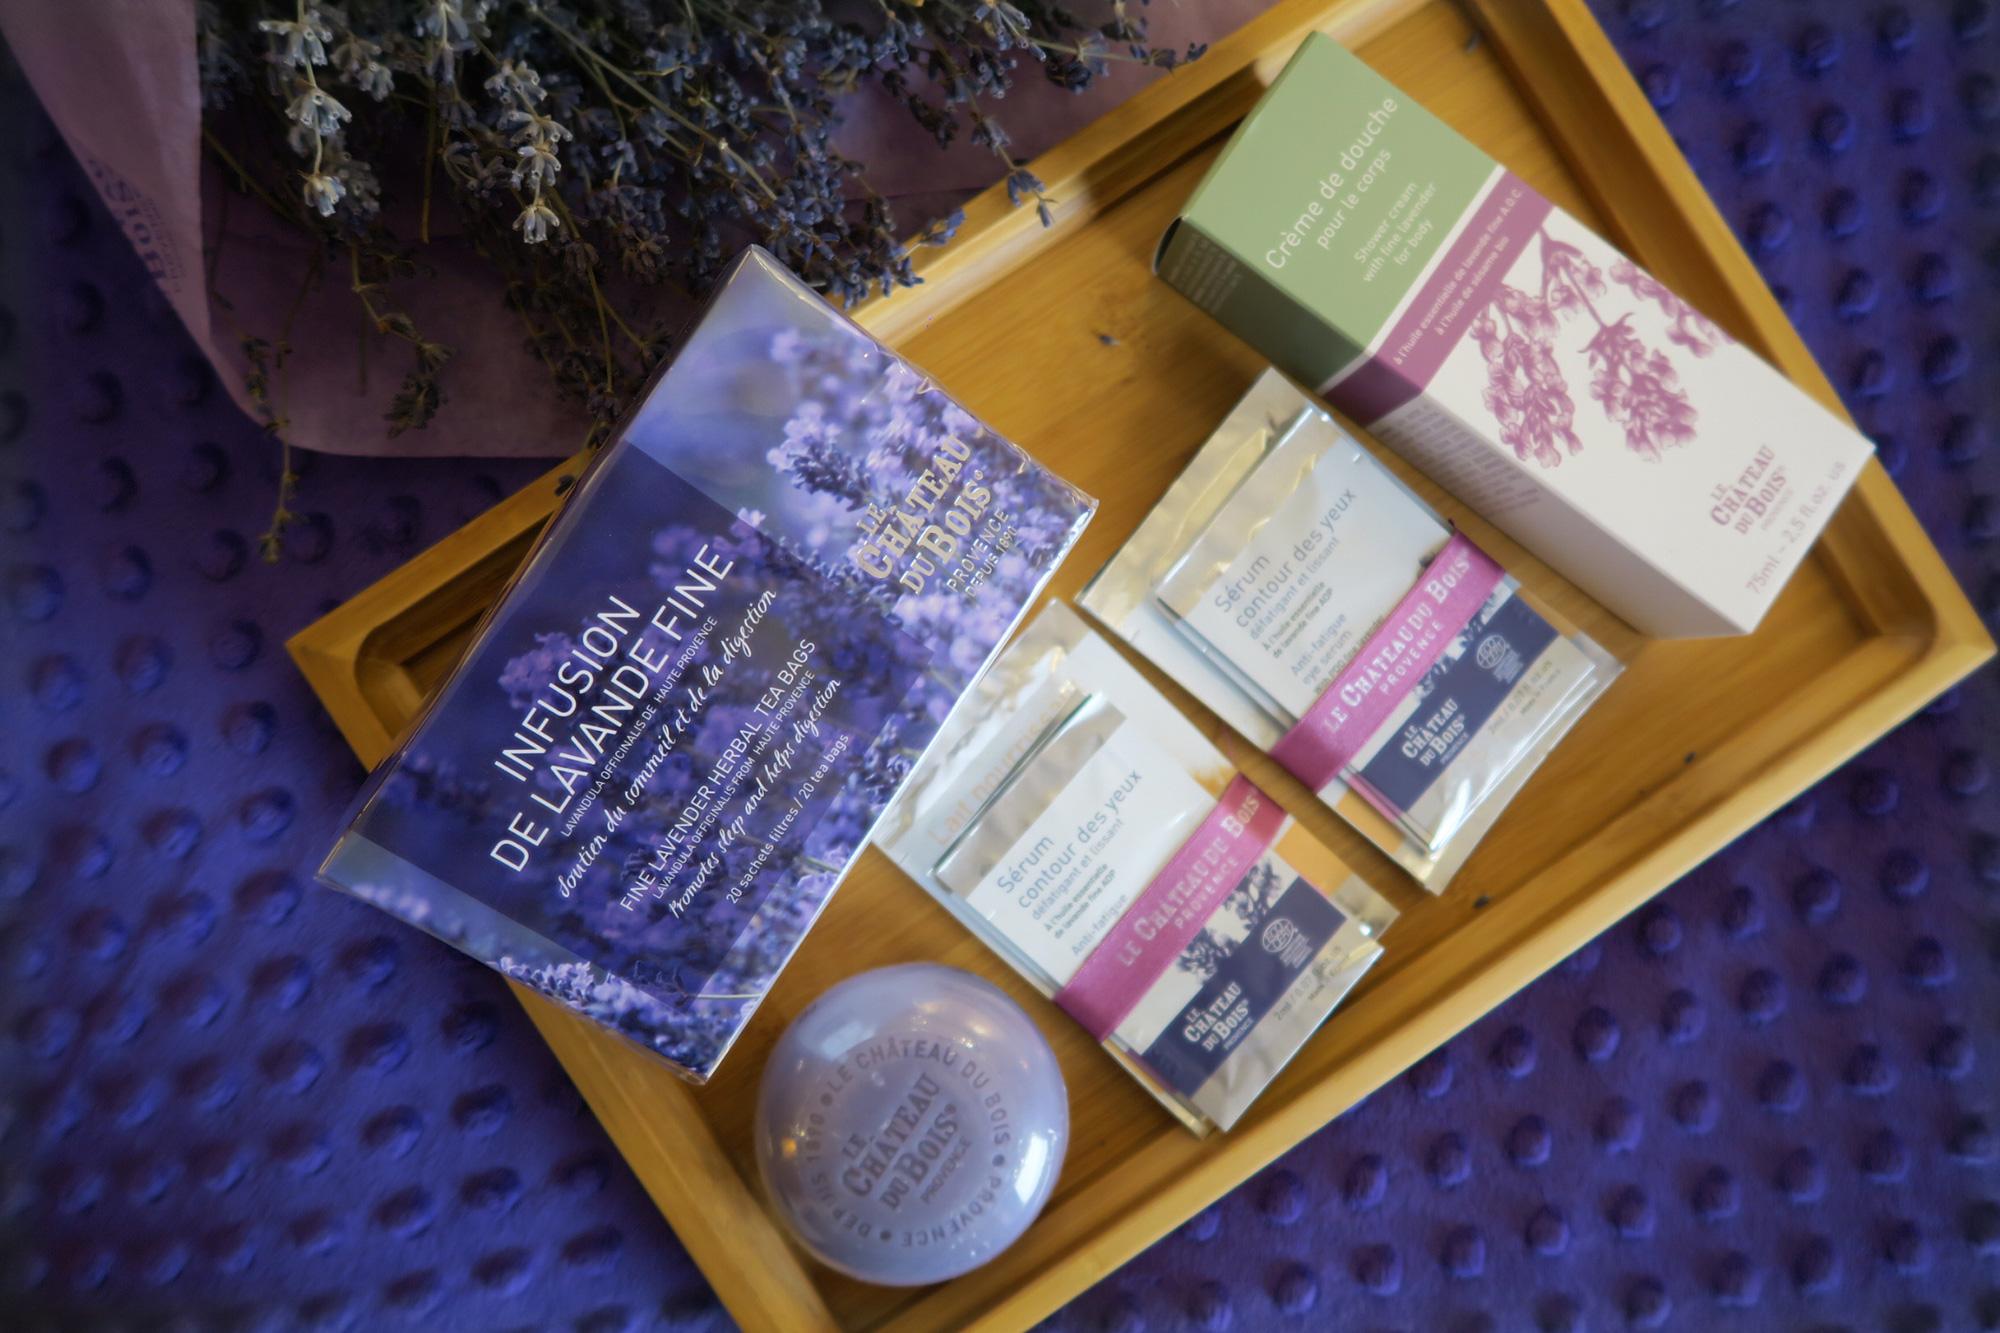 Lavender-Products-by-Le-Château-du-Bois